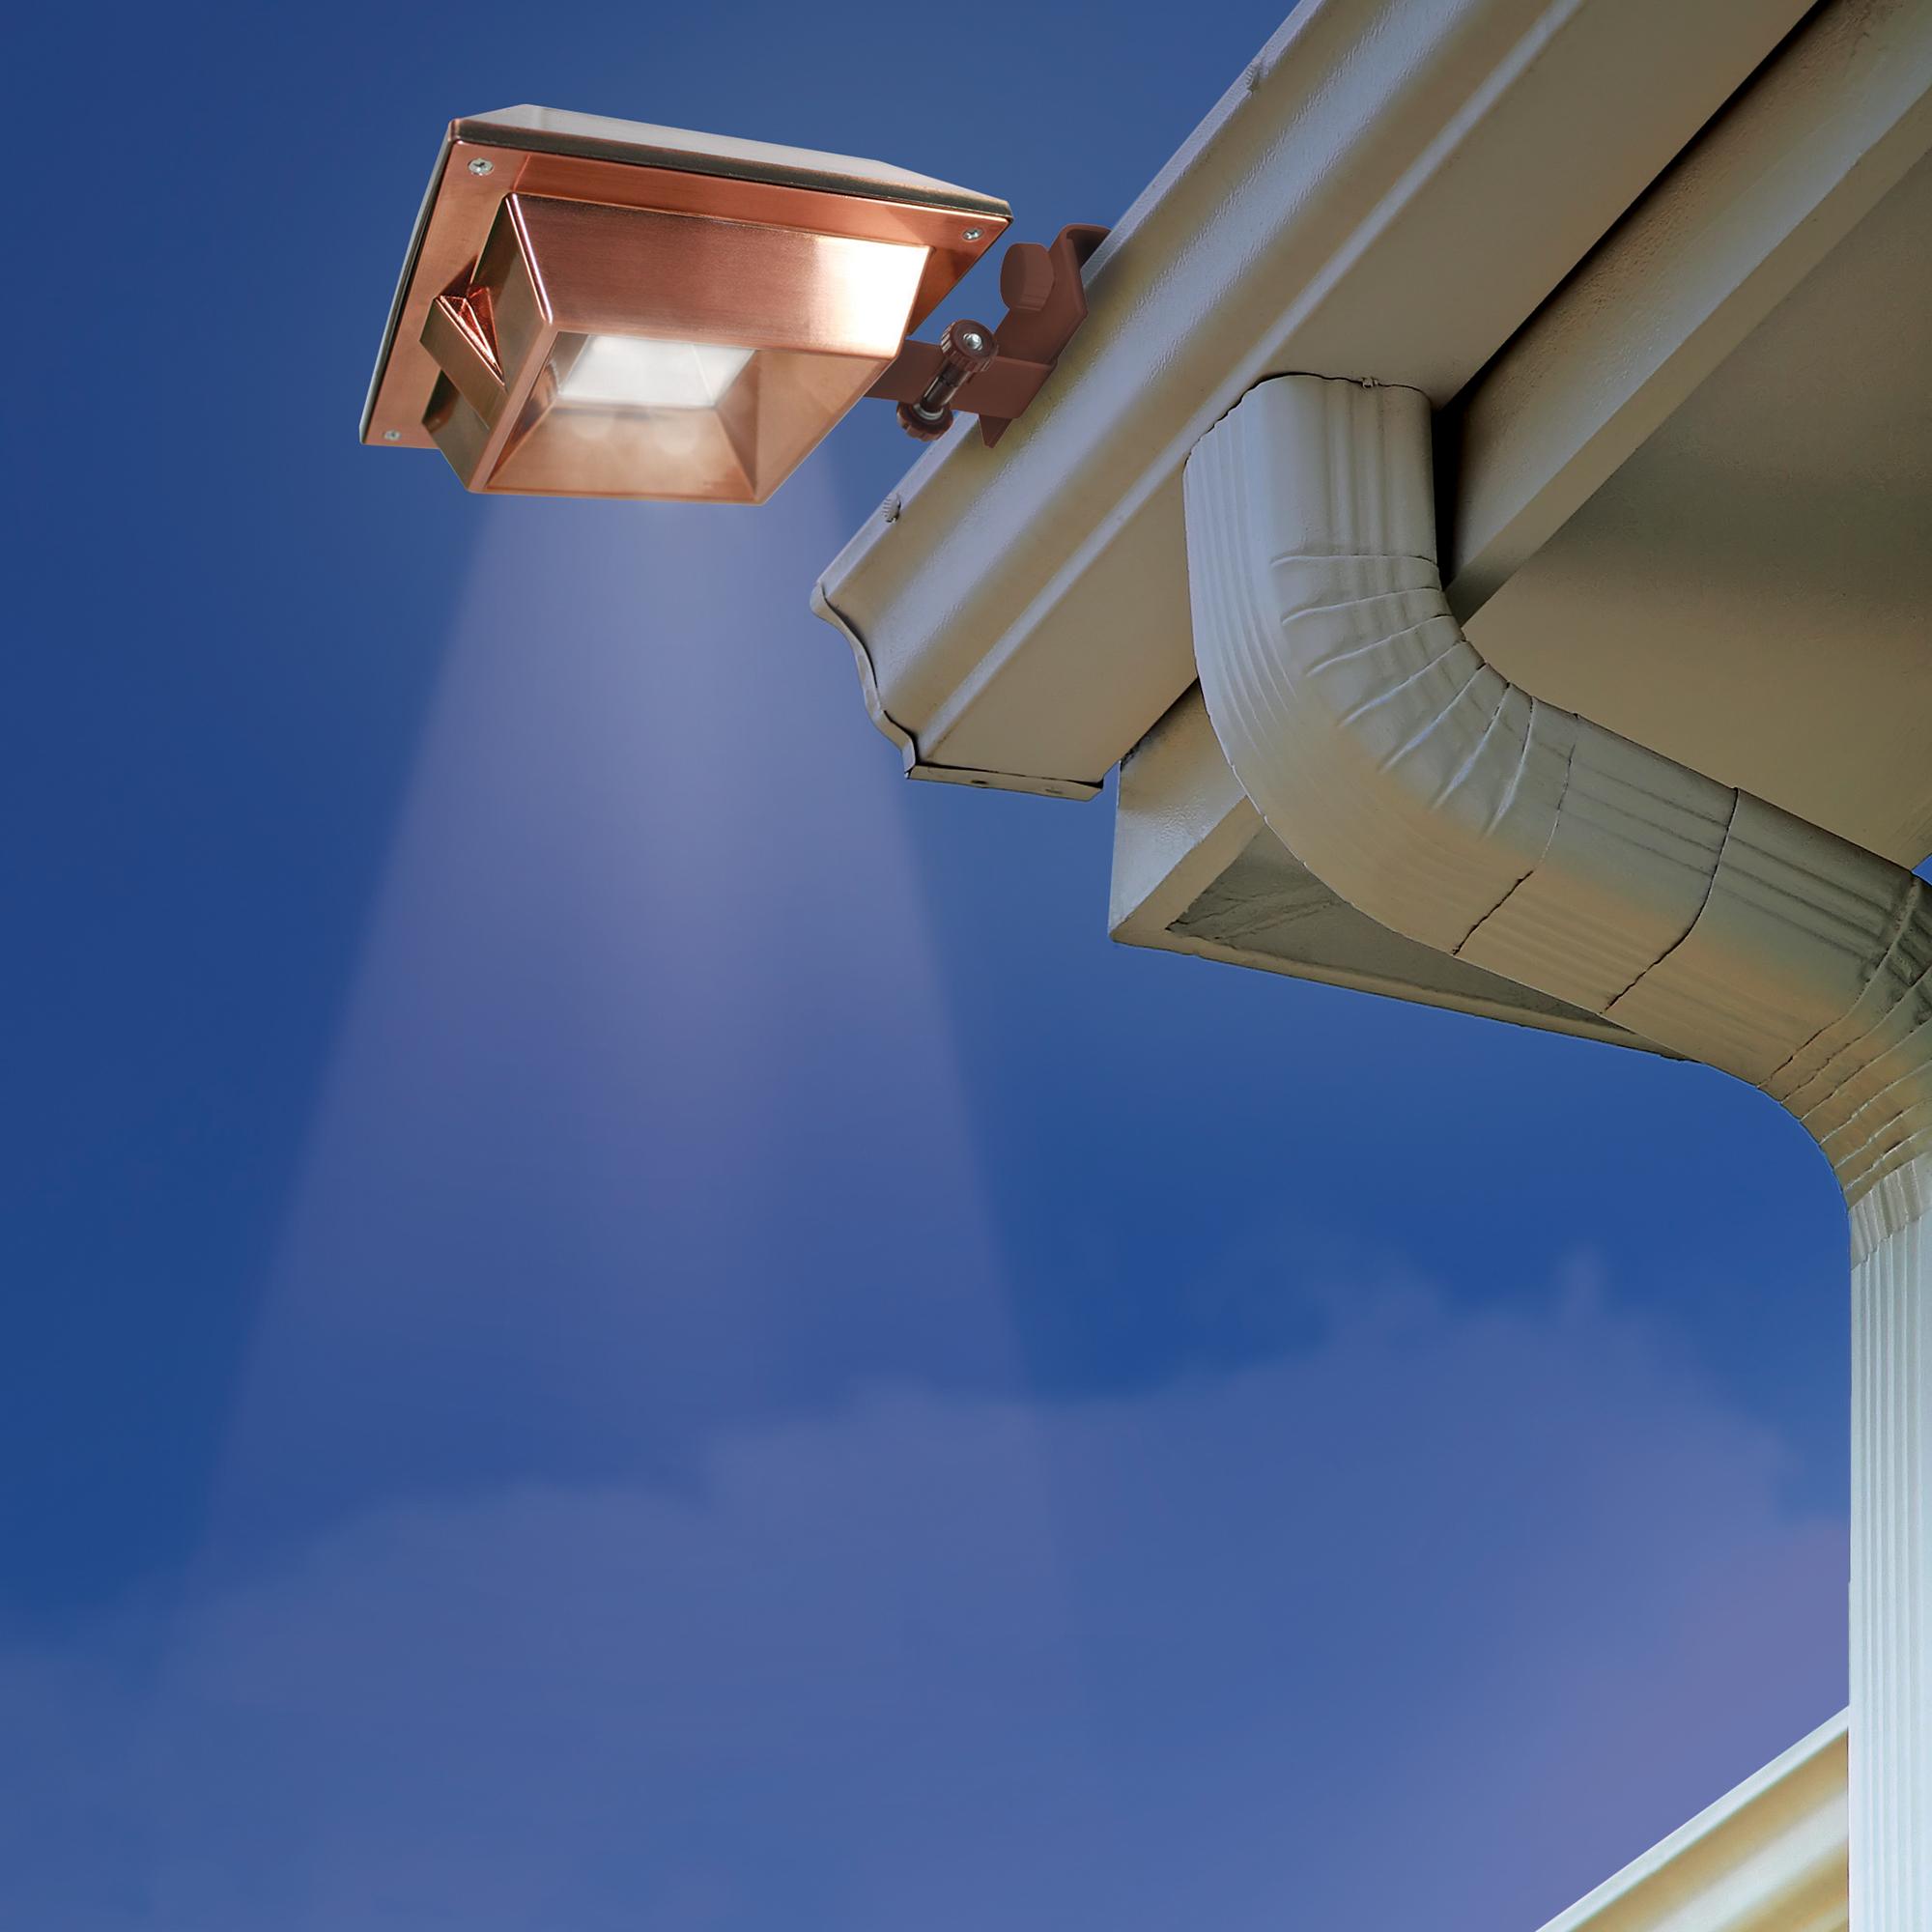 Landscape Lighting Gutter Mount: 6-Pack Ecothink Copper Square Outdoor Solar 6 LED Gutter